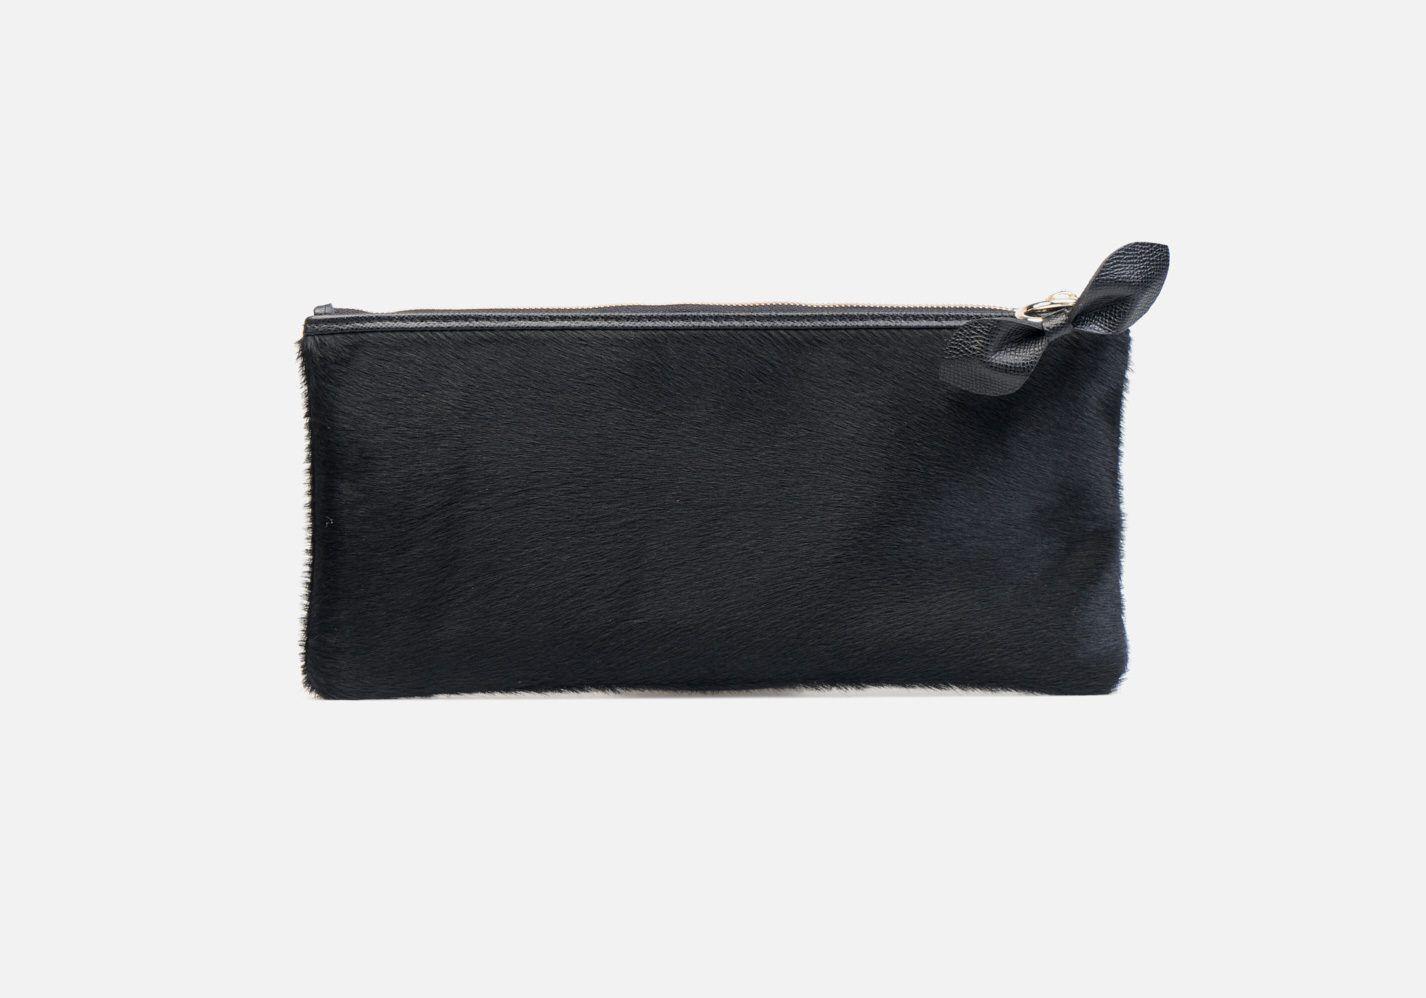 Cartera de mano en piel de vacuno en color negro - Frontal modelo Frederic en color negro